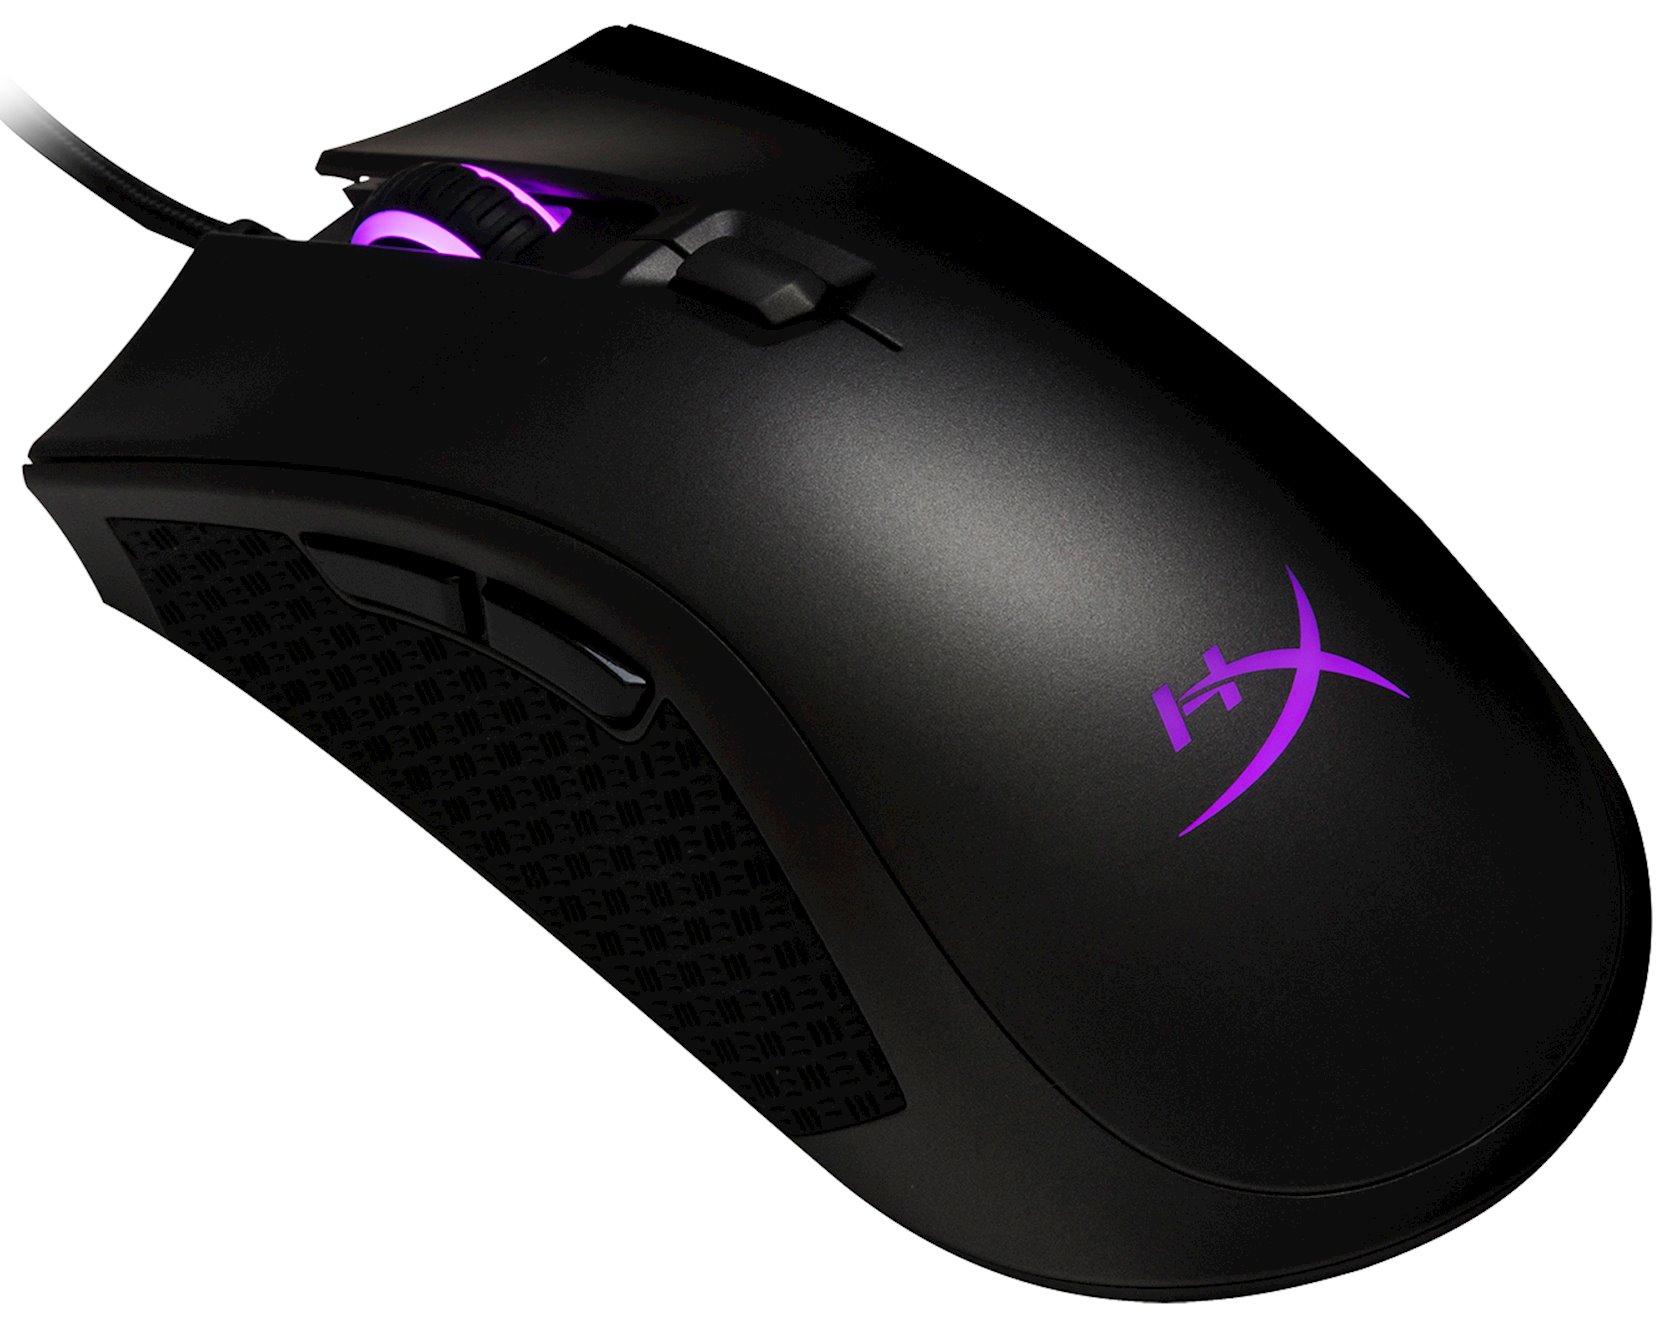 Kompüter siçanı Kingston HyperX Pulsefire FPS Pro RGB Gaming Black